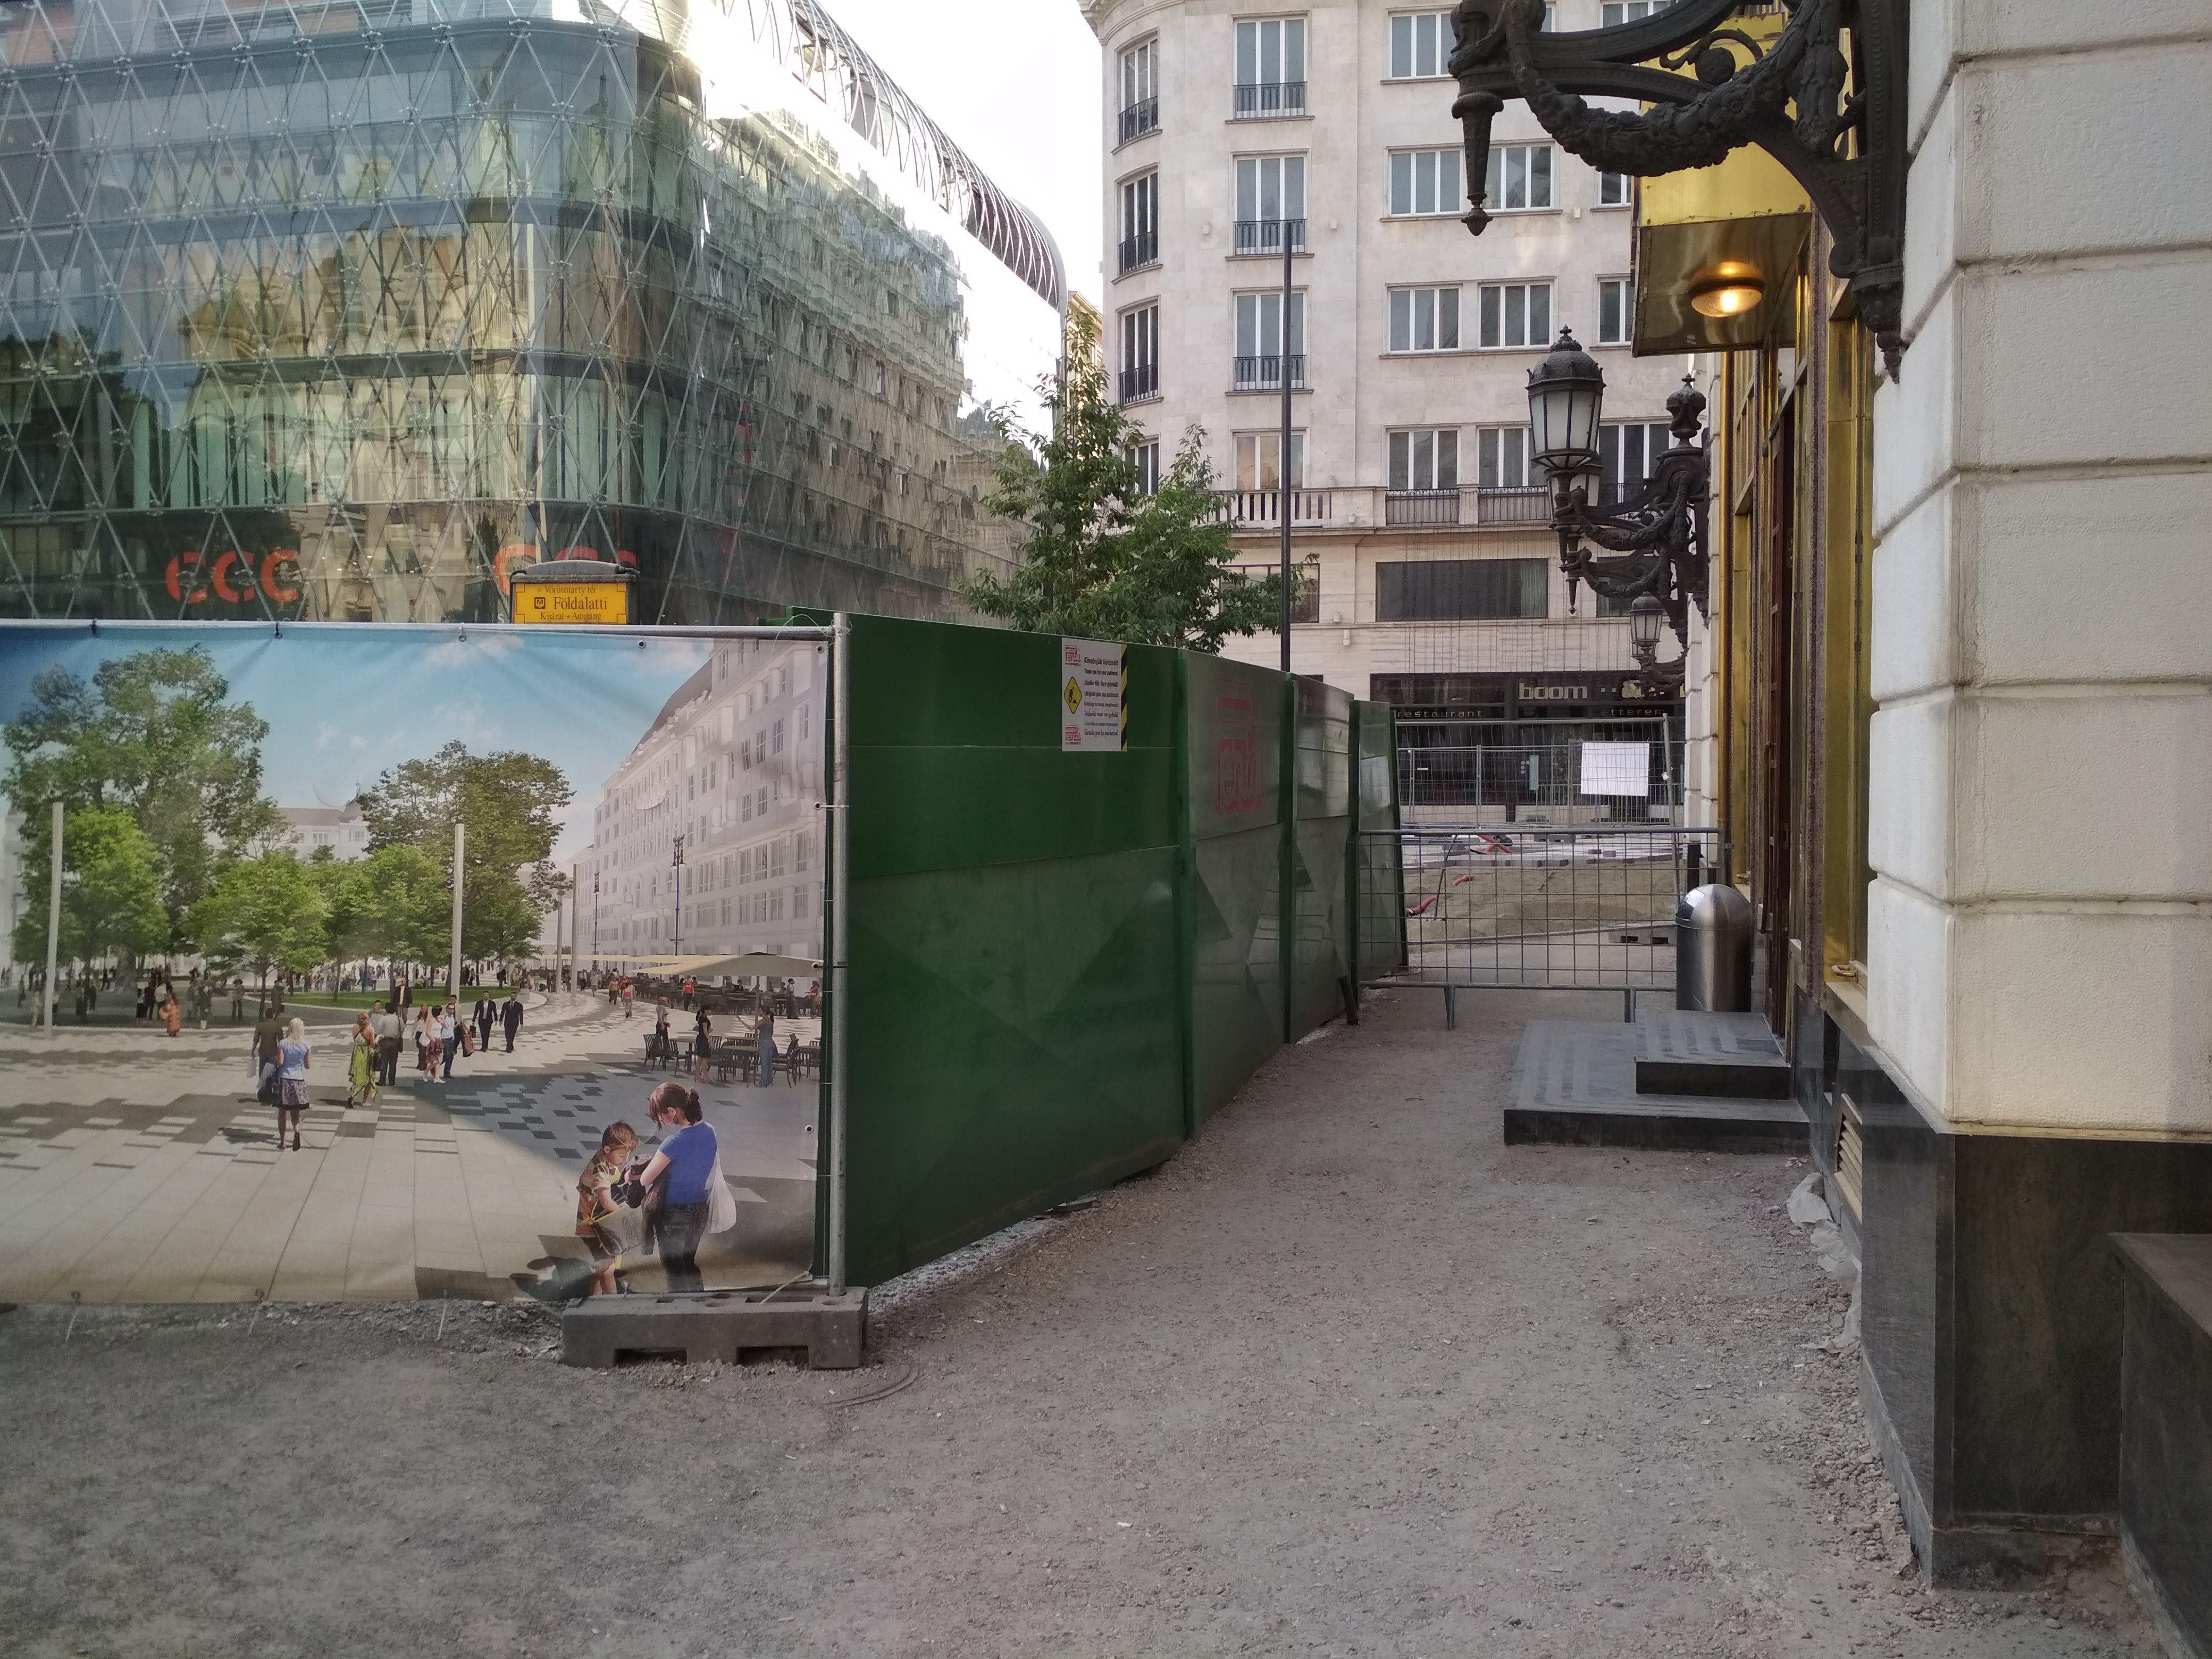 Aki a Harmincad utca felől érkezve a 2-es villamos Vigadó téri megállójához szeretne eljutni, az néhány percig sikertelenül fogja keresni azt a nem létező ösvényt, ami a tér északi részén biztosítaná az átjutást